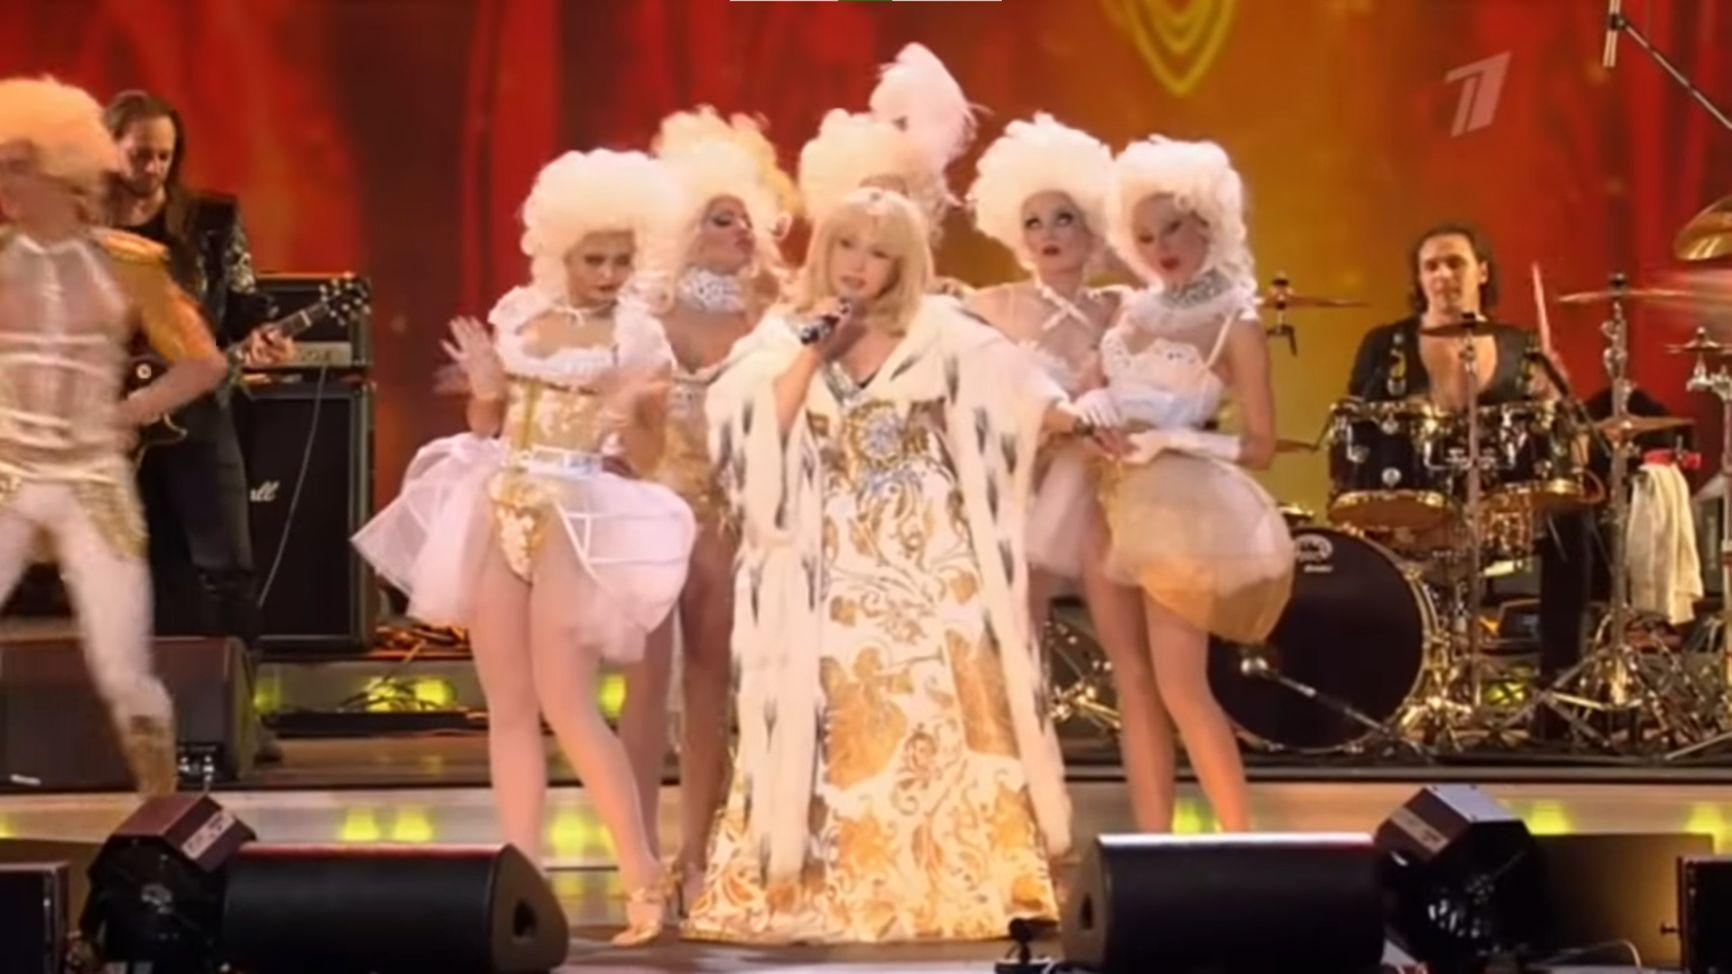 Юбилейный концерт Ирины Аллегровой в СК «Олимпийский», 2012 год. Исполняется песня «Императрица»